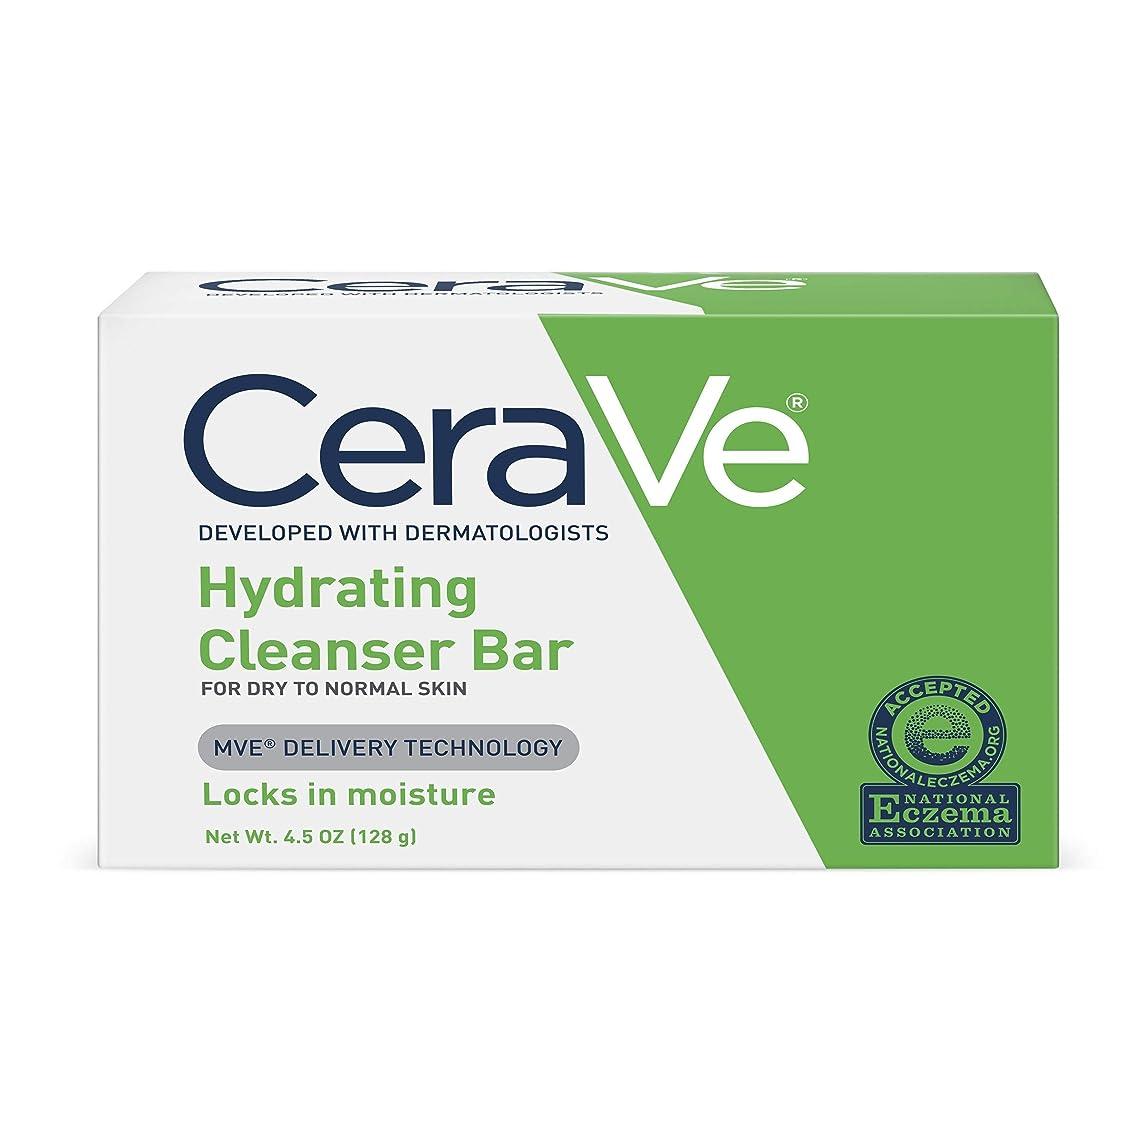 病気の通り抜ける応用CeraVe 正常皮膚とハイドレイティングクレンザーバードライ - 4.5オズ、5パック